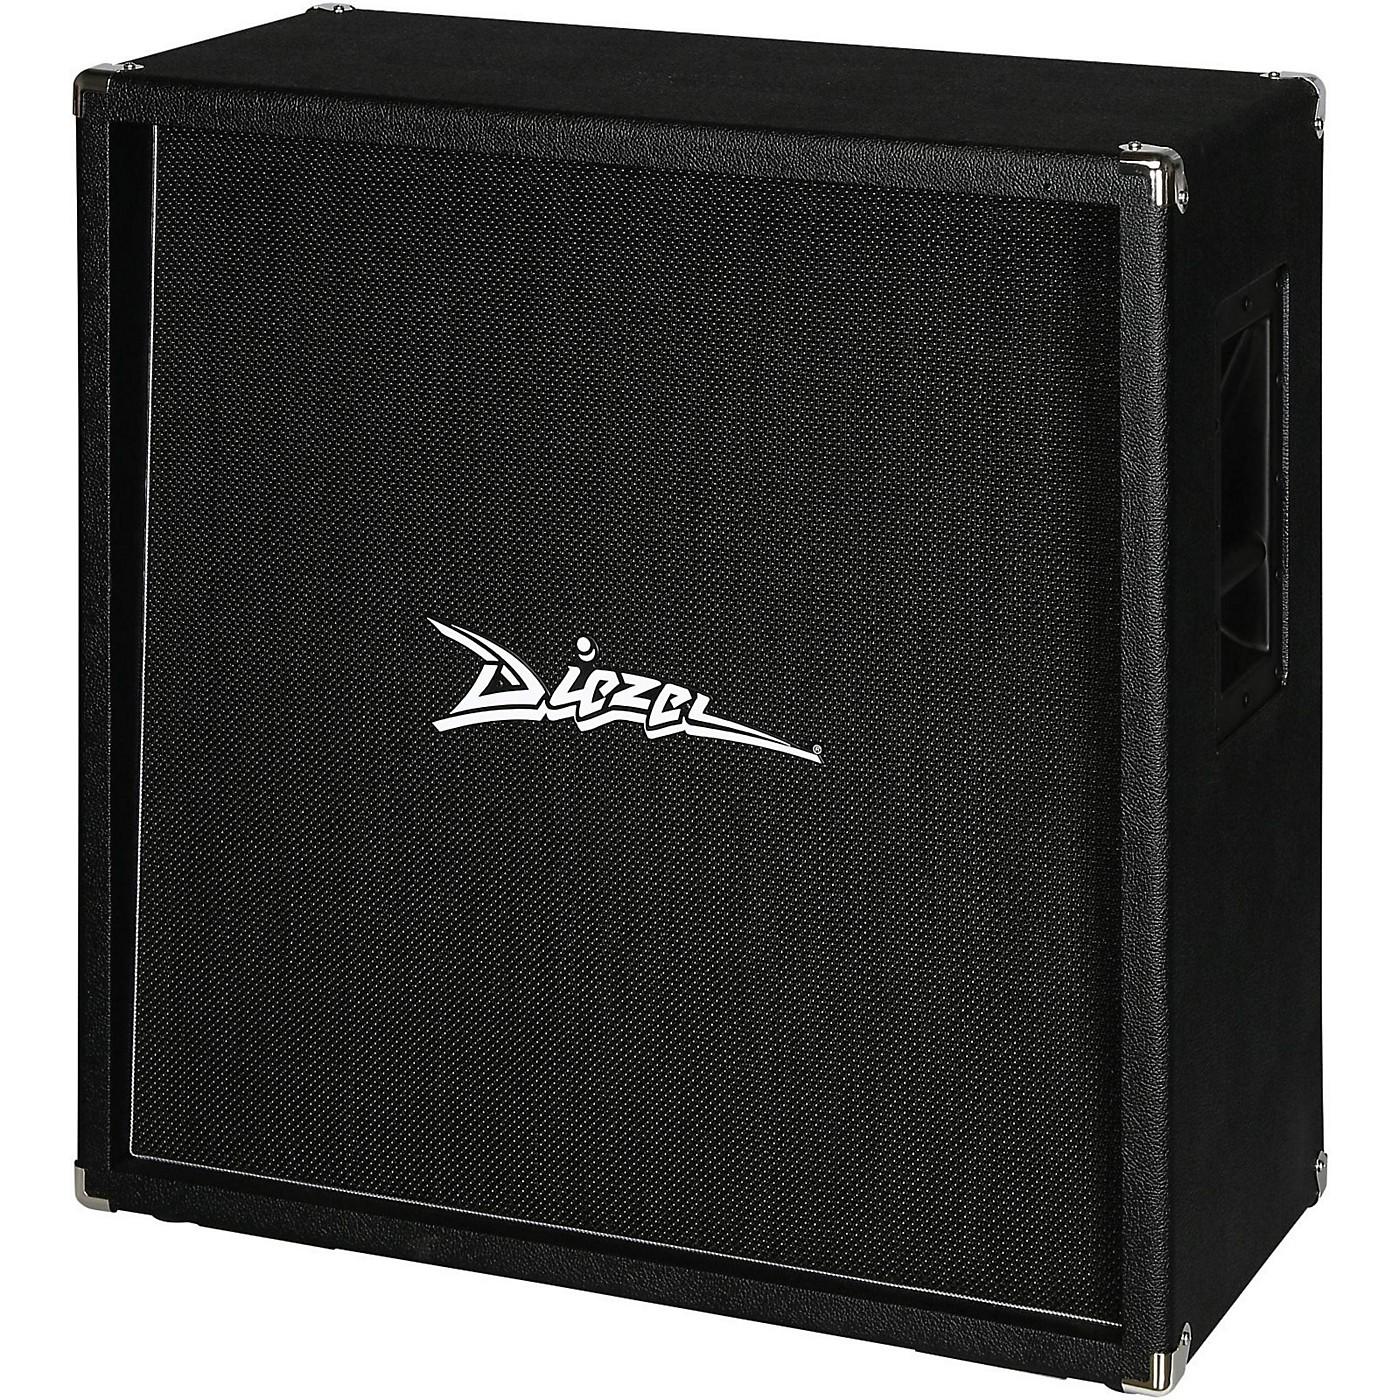 Diezel 412RV 280W 4x12 Rear Loaded Guitar Amplifier Cabinet thumbnail